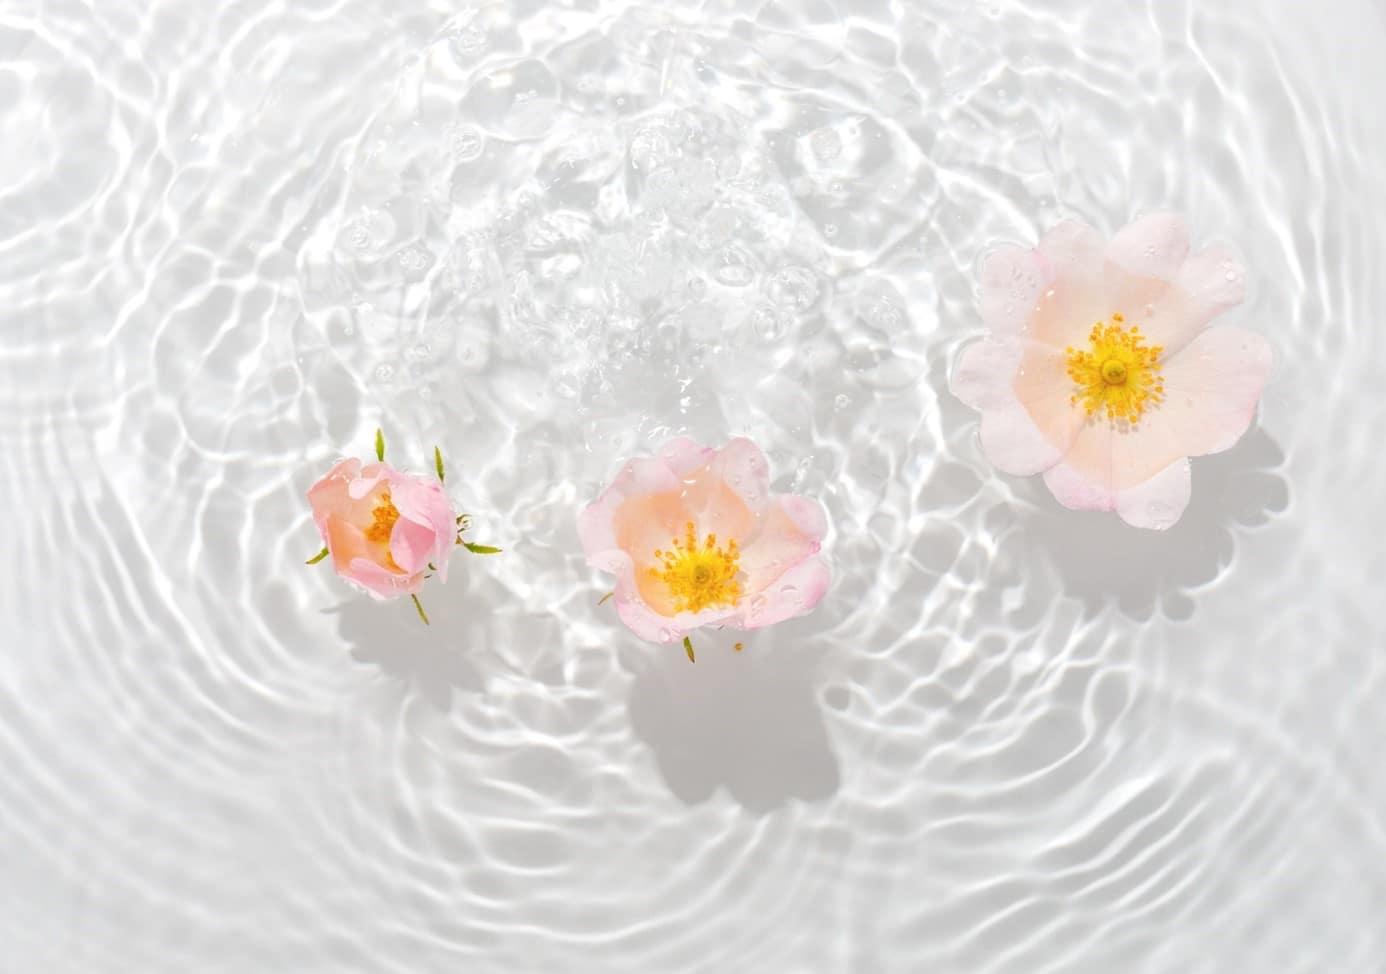 Boutons De Fleurs Flottant Dans L'eau